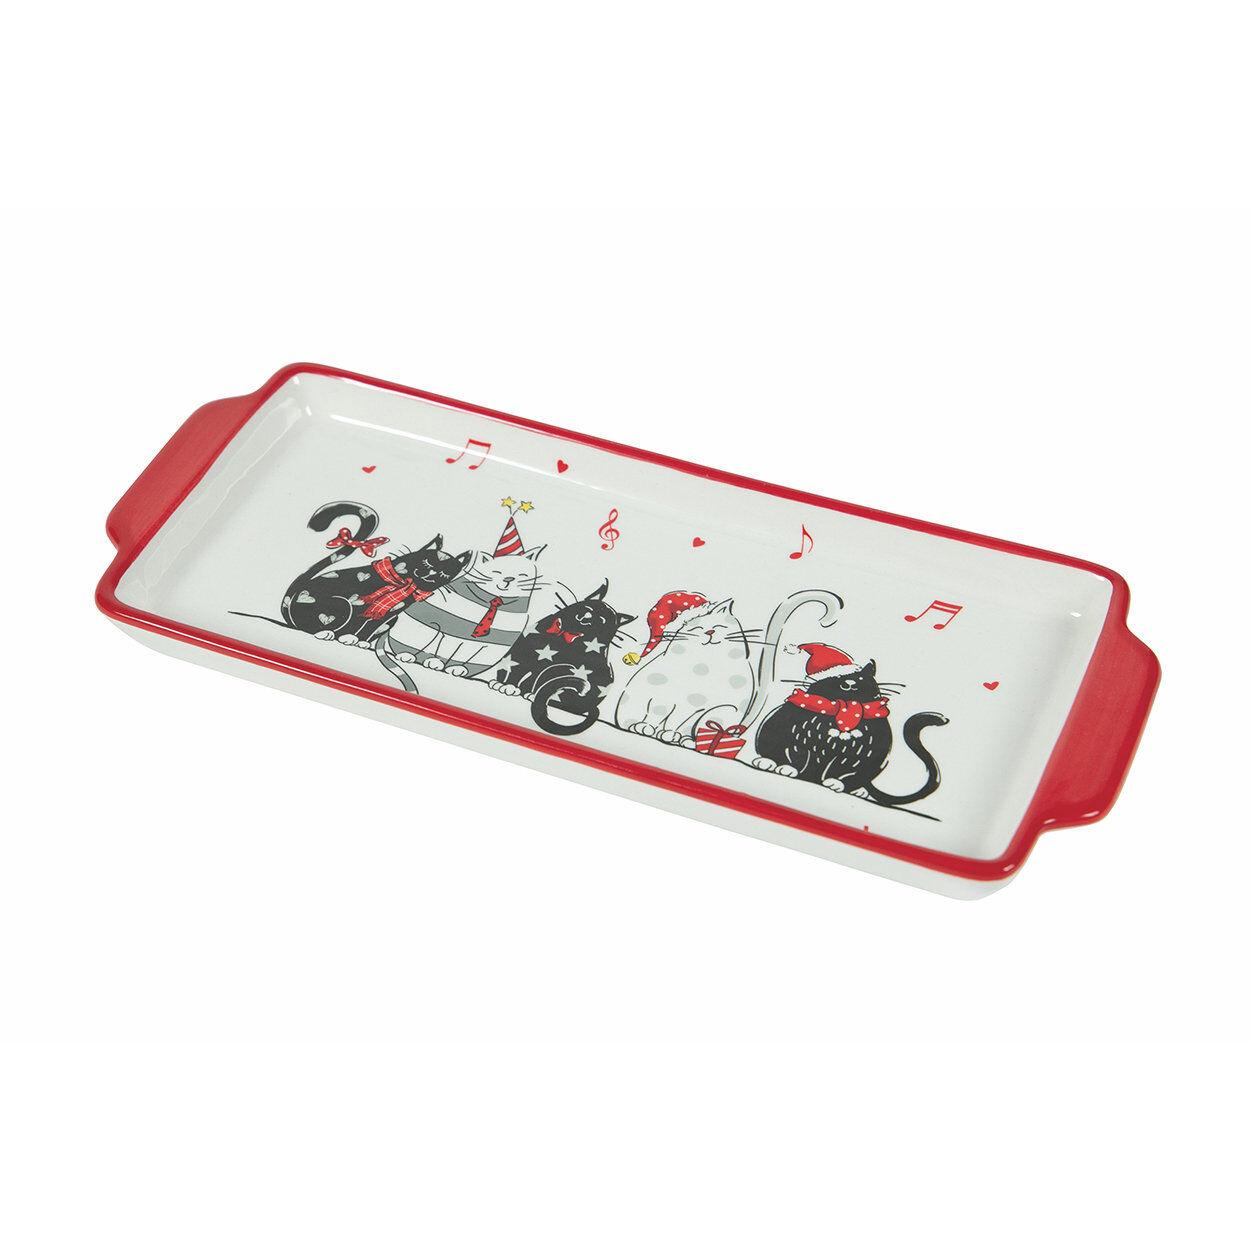 La tavola di Natale Piatto torrone Cat XMAS, bianco/rosso